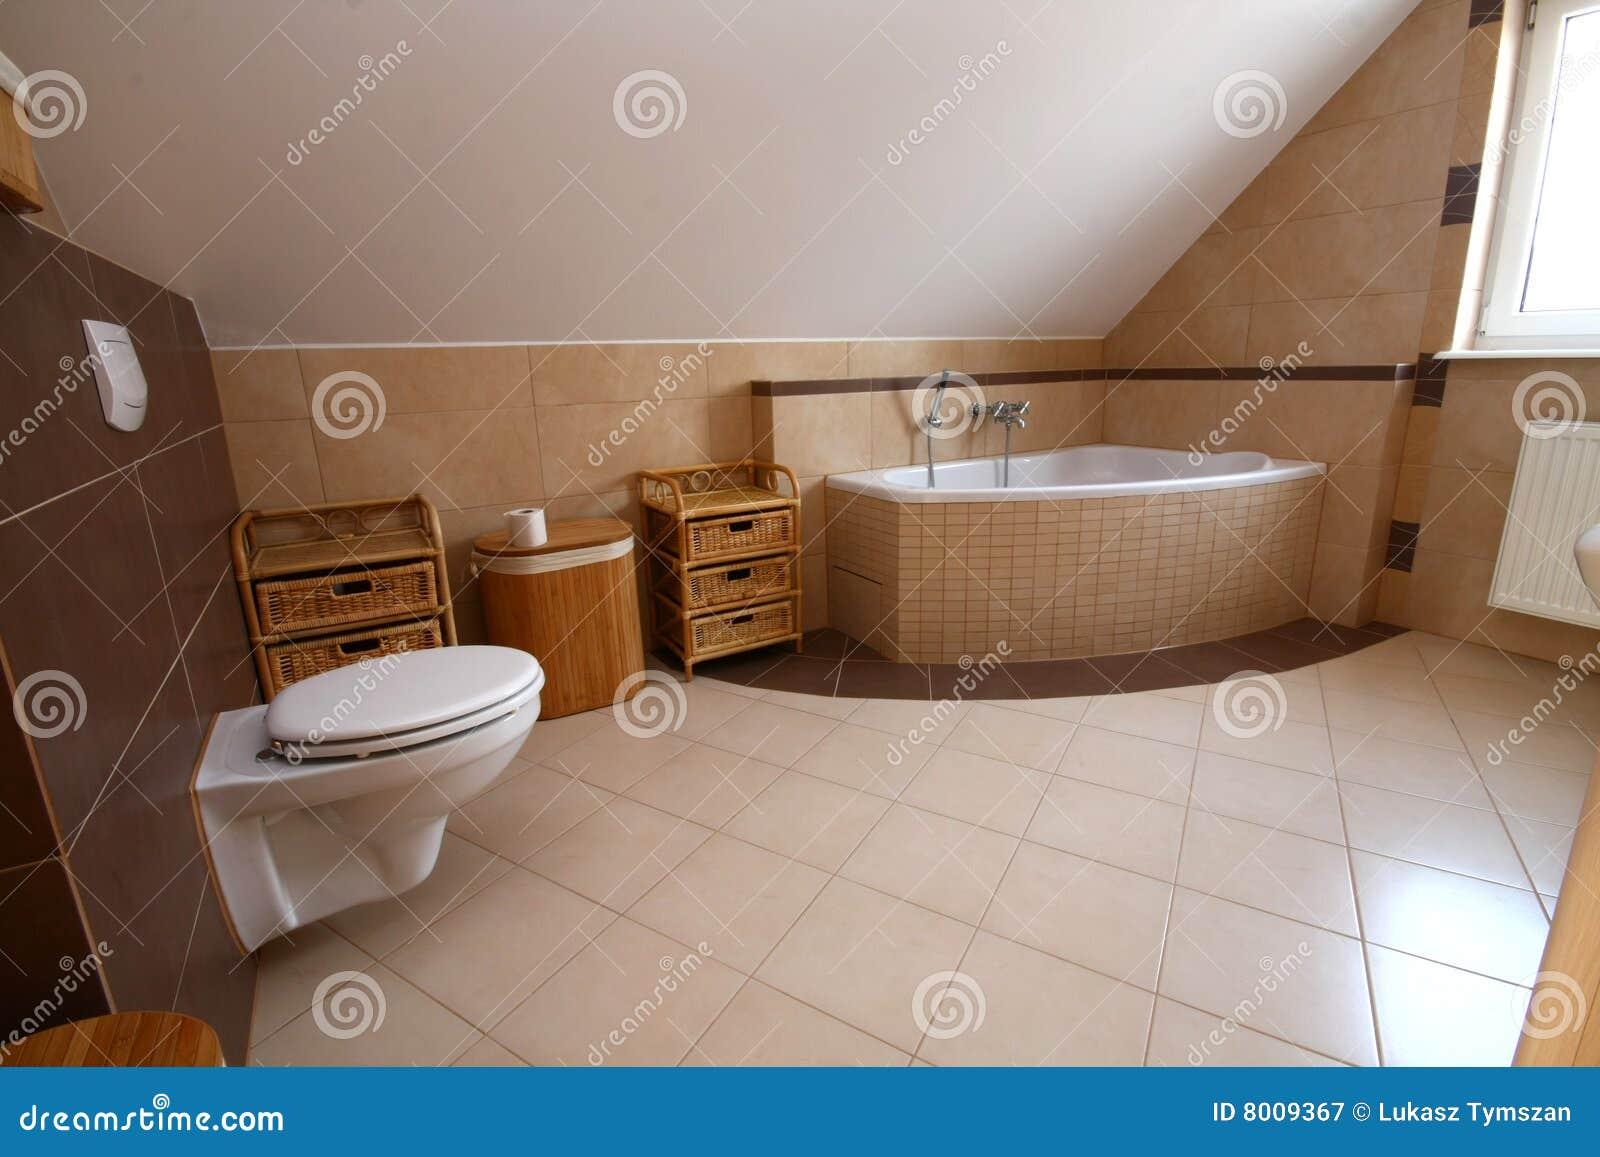 Banheiro Simples Fotografia de Stock Royalty Free Imagem: 8009367 #82A328 1300x957 Armario Banheiro Simples